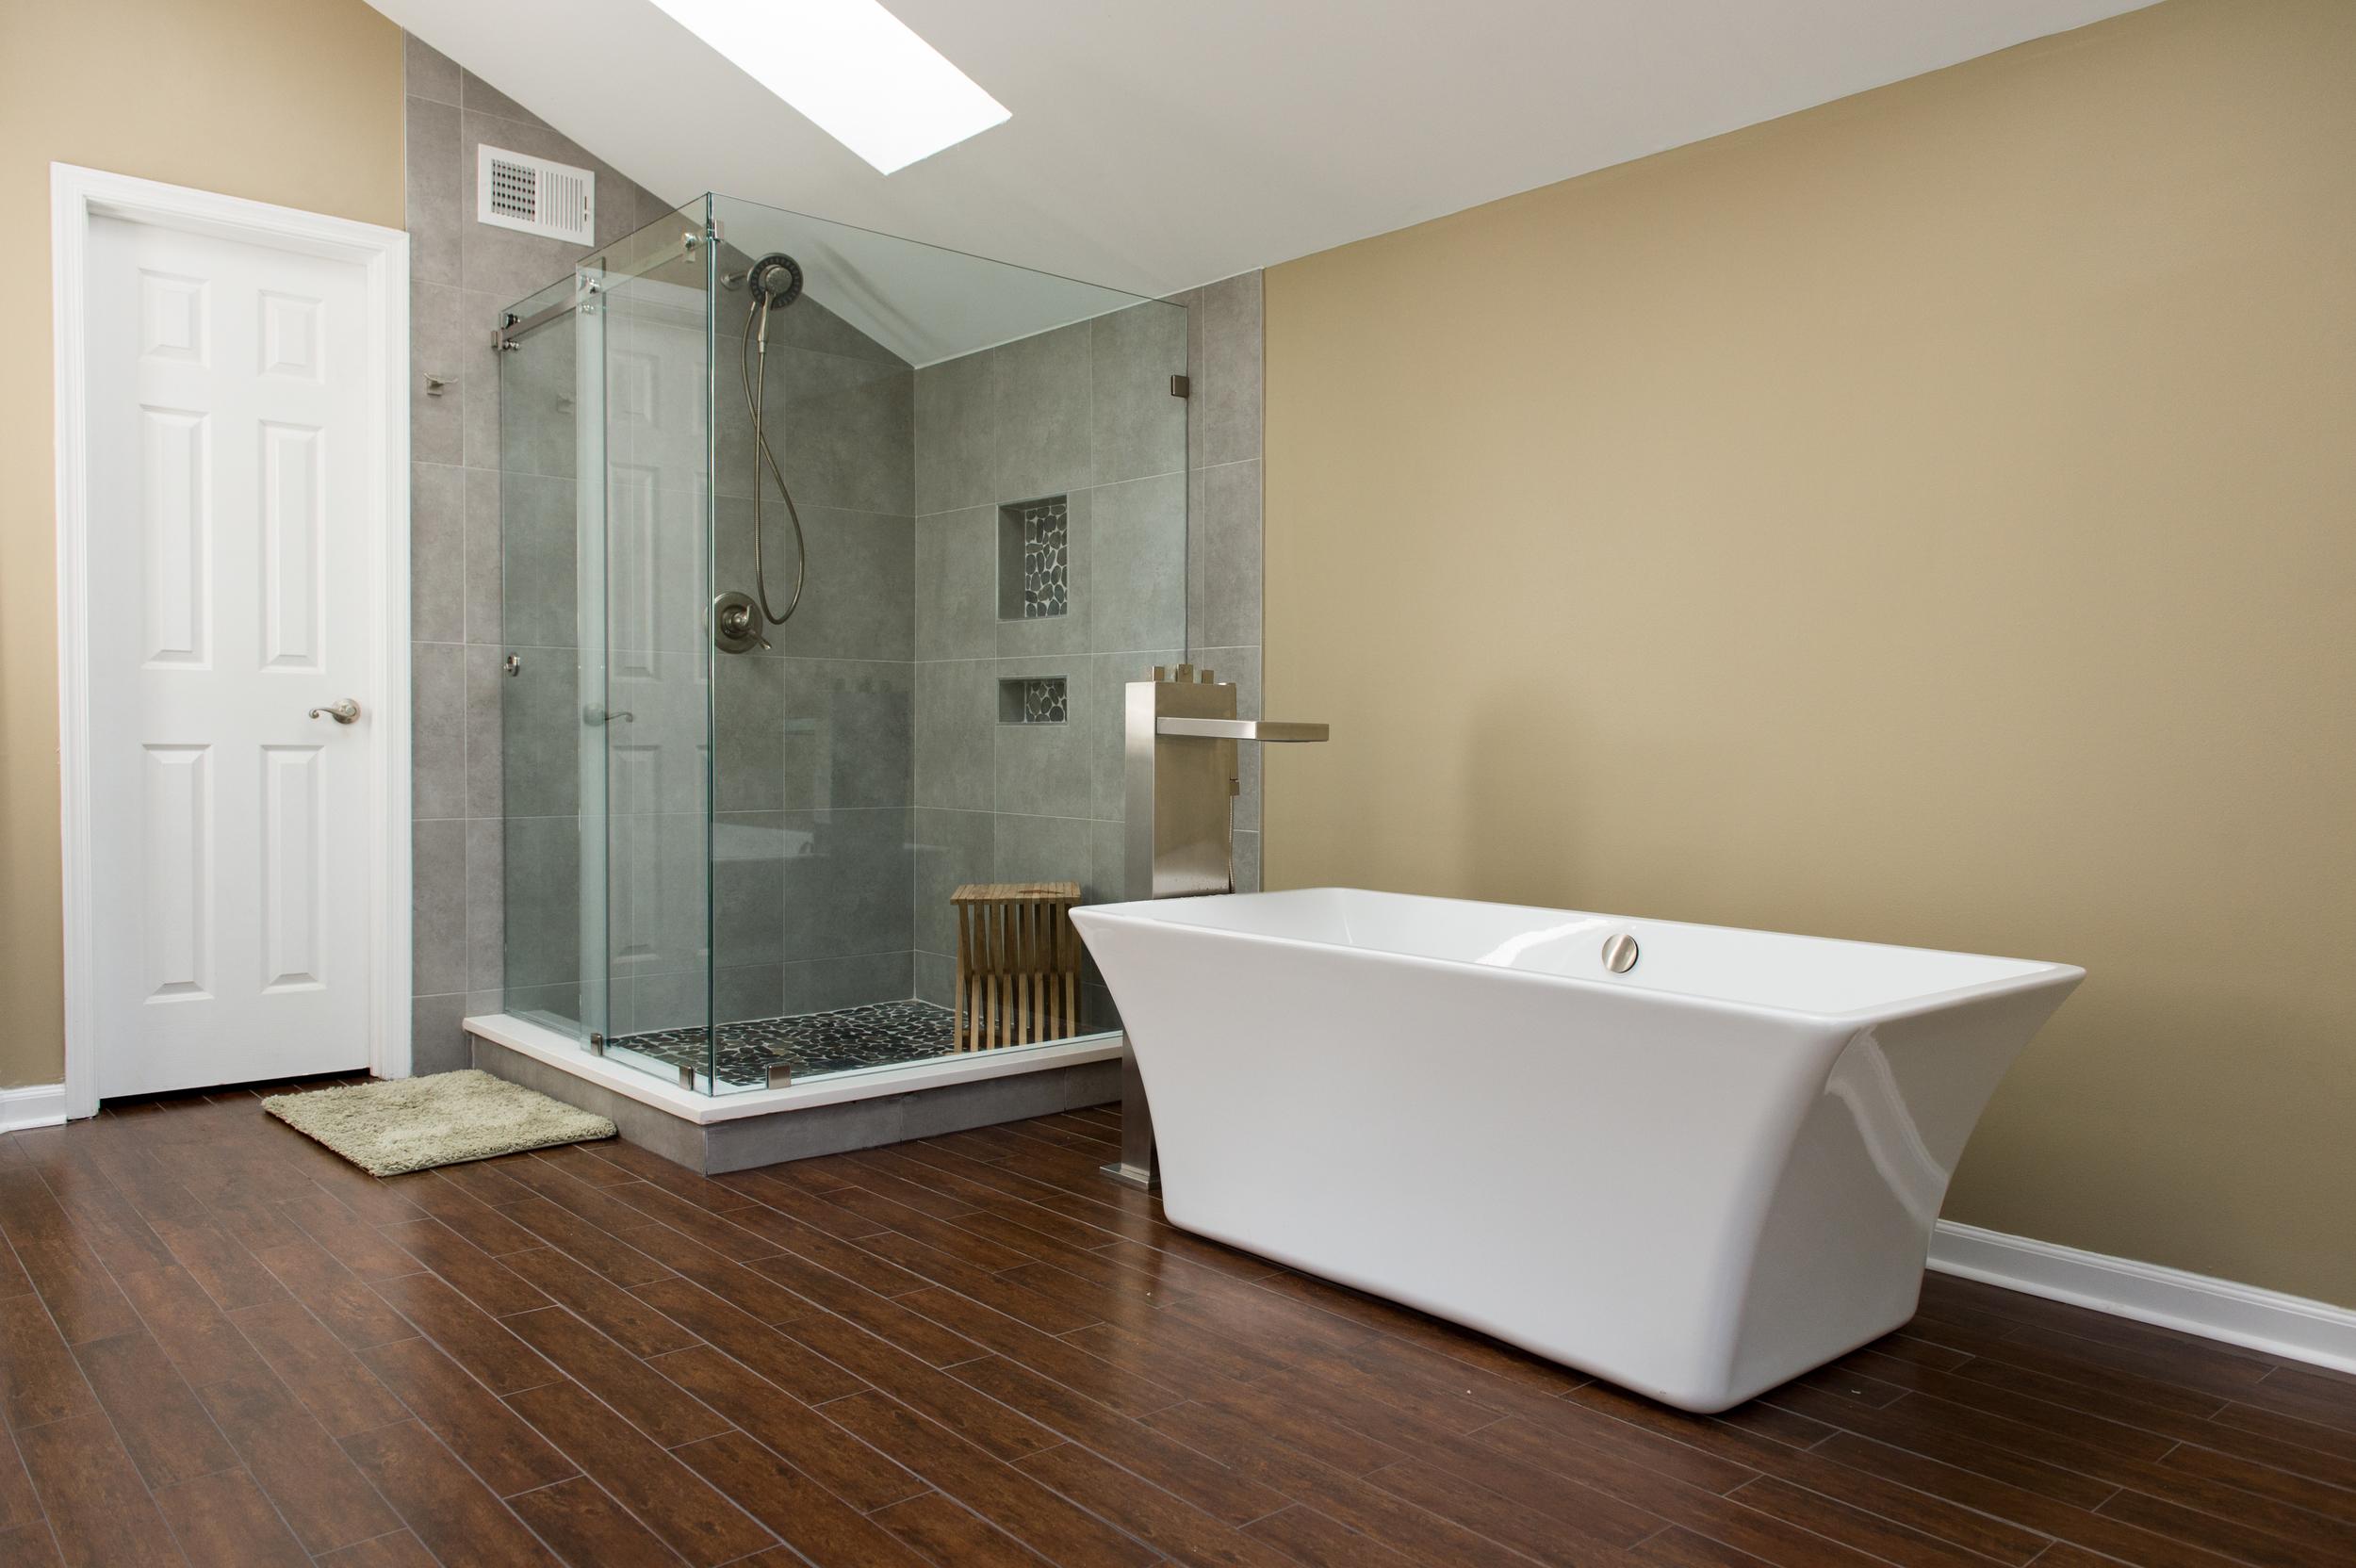 Bathroom Remodeling Md Kitchens Bathroom Remodeling And